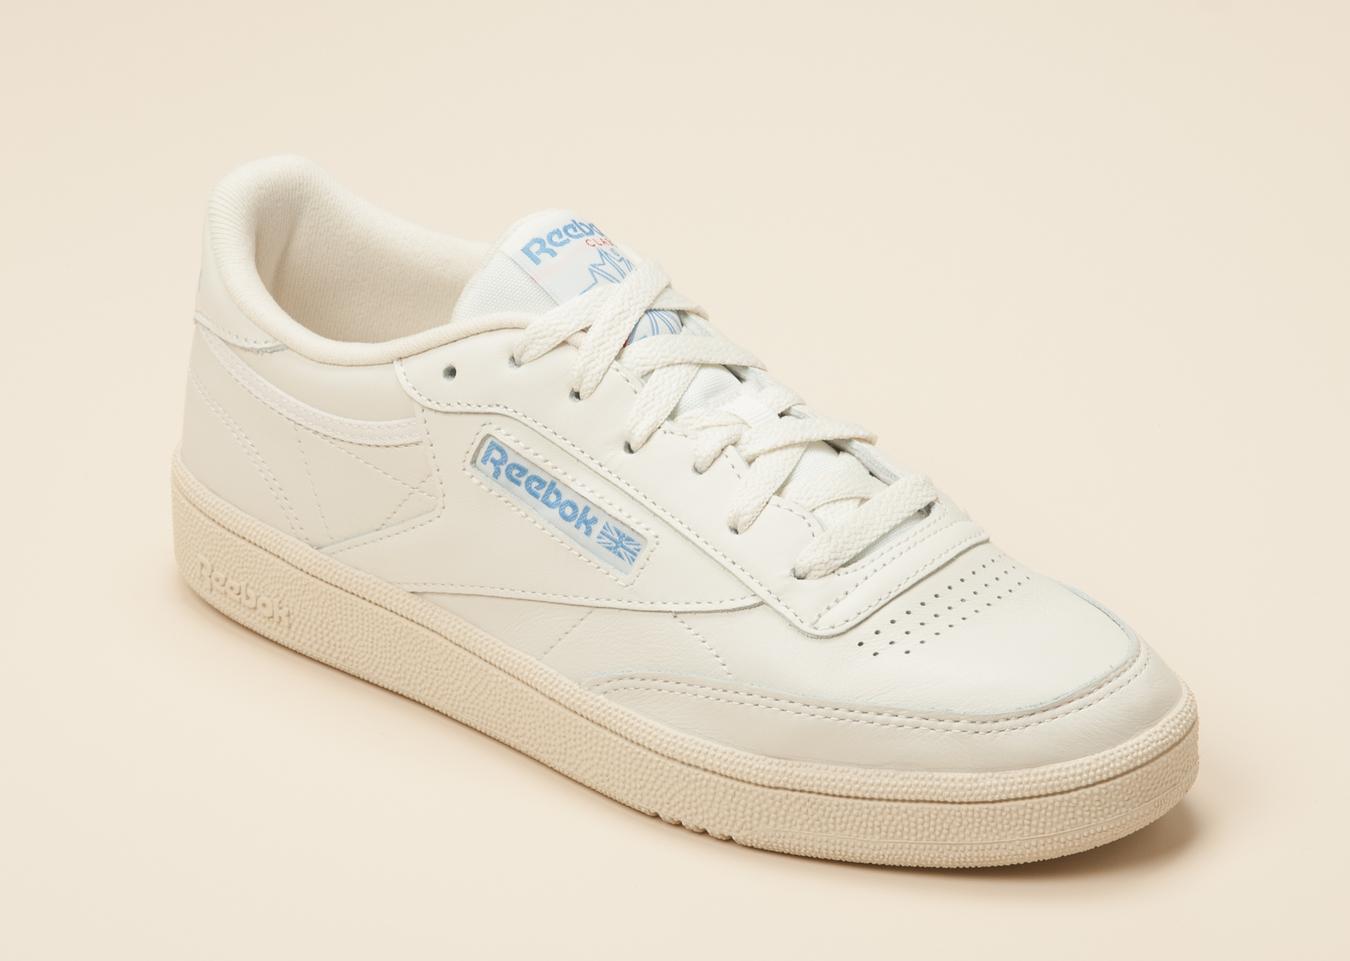 Reebok Damen Sneaker in beige kaufen | Zumnorde Online Shop